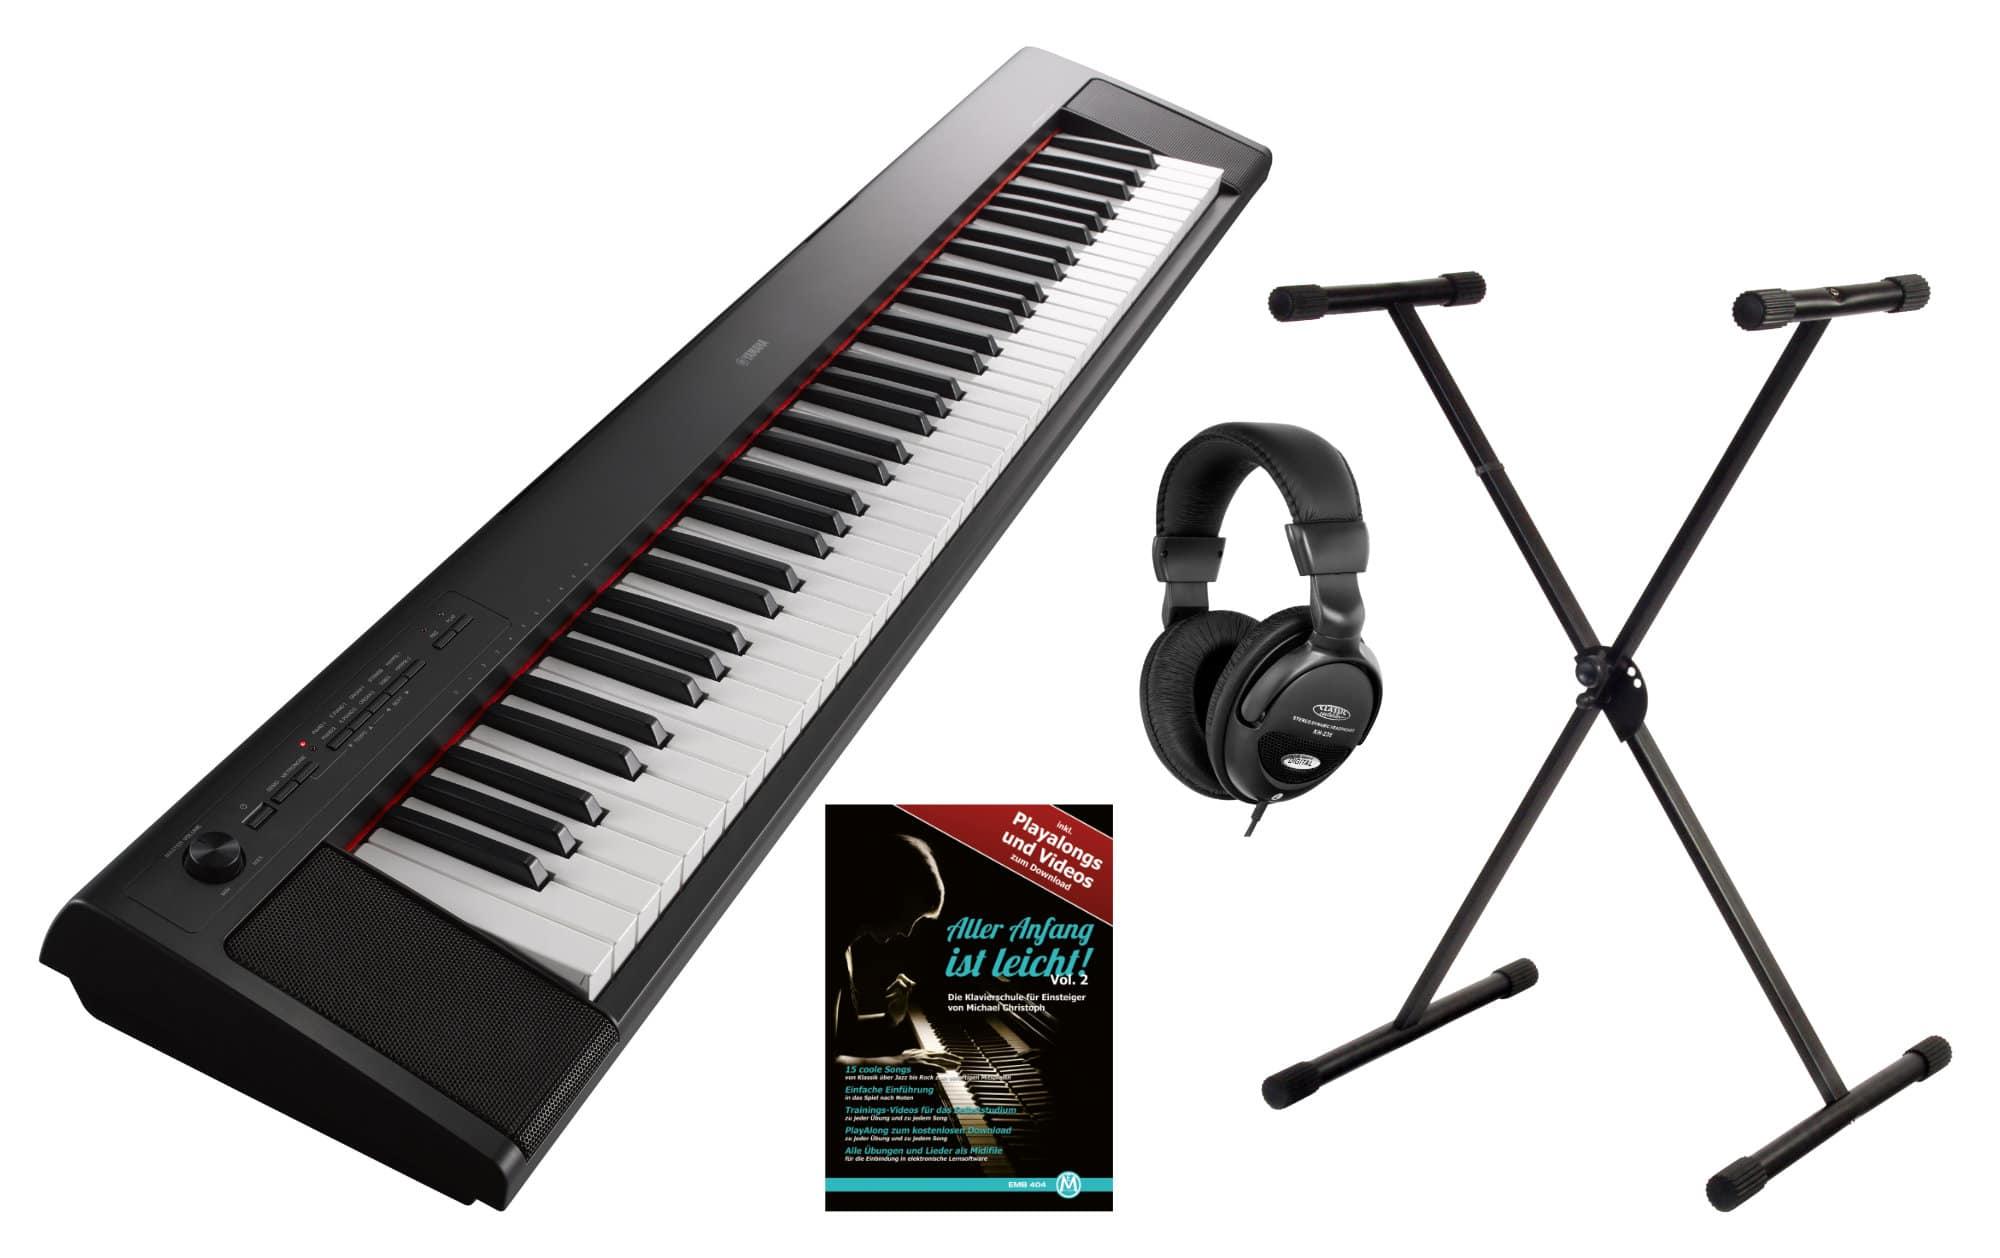 Yamaha NP 32 Portable Piano schwarz Set